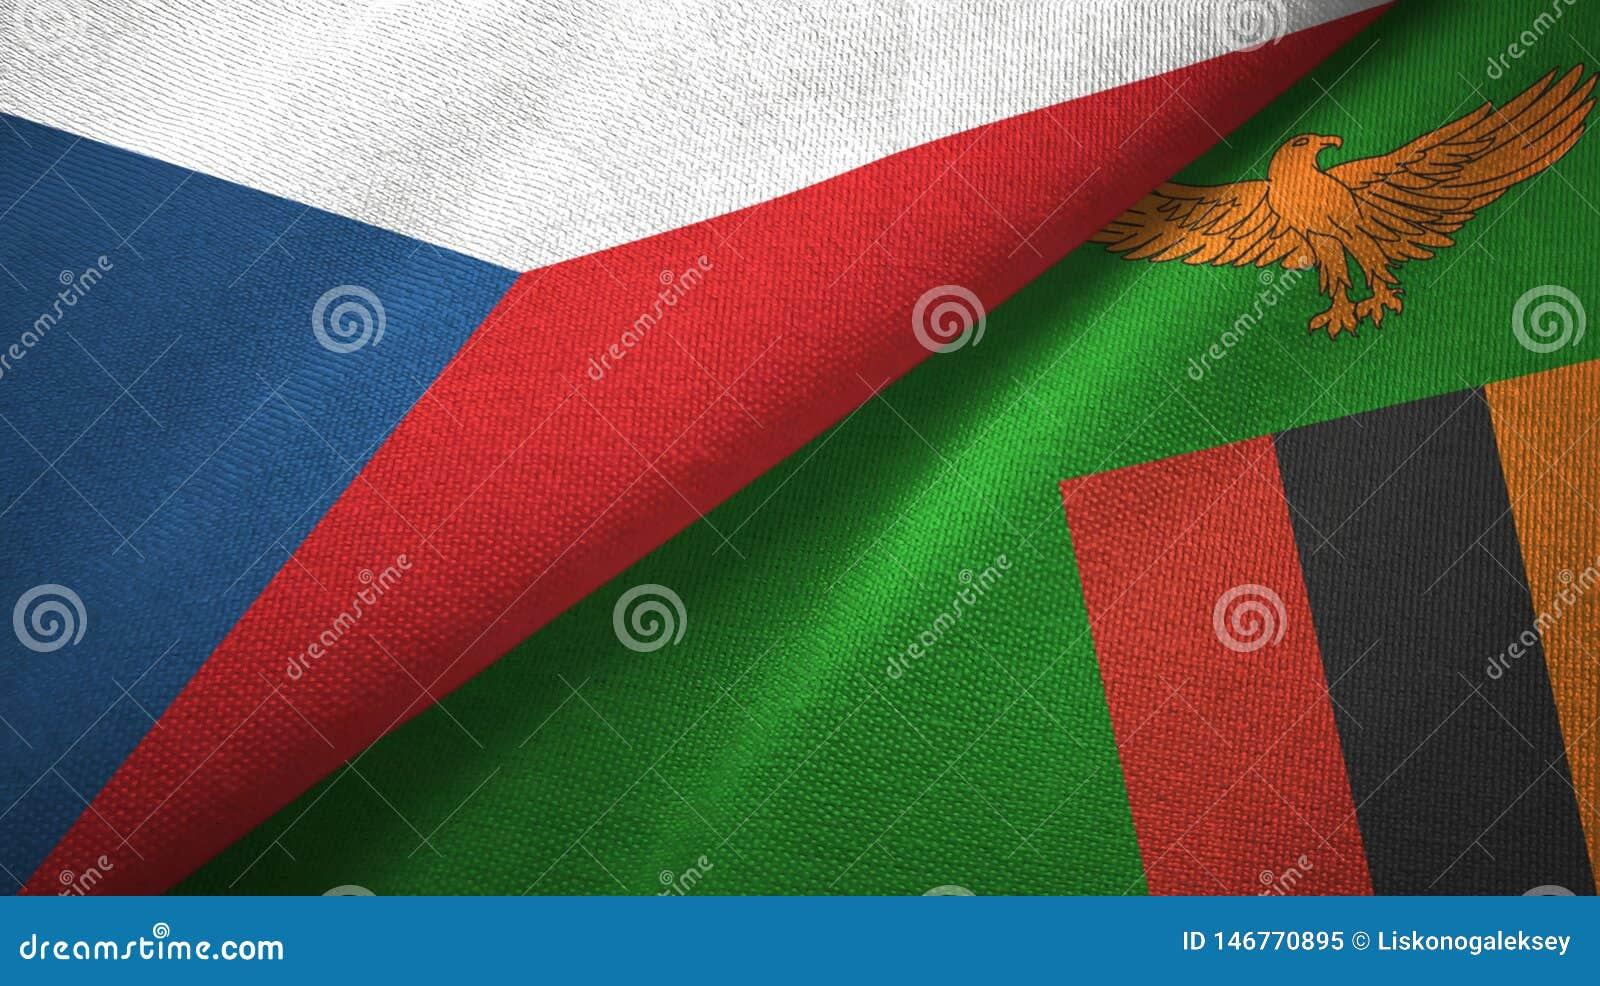 Panno del tessuto delle bandiere dello Zambia e della repubblica Ceca due, struttura del tessuto